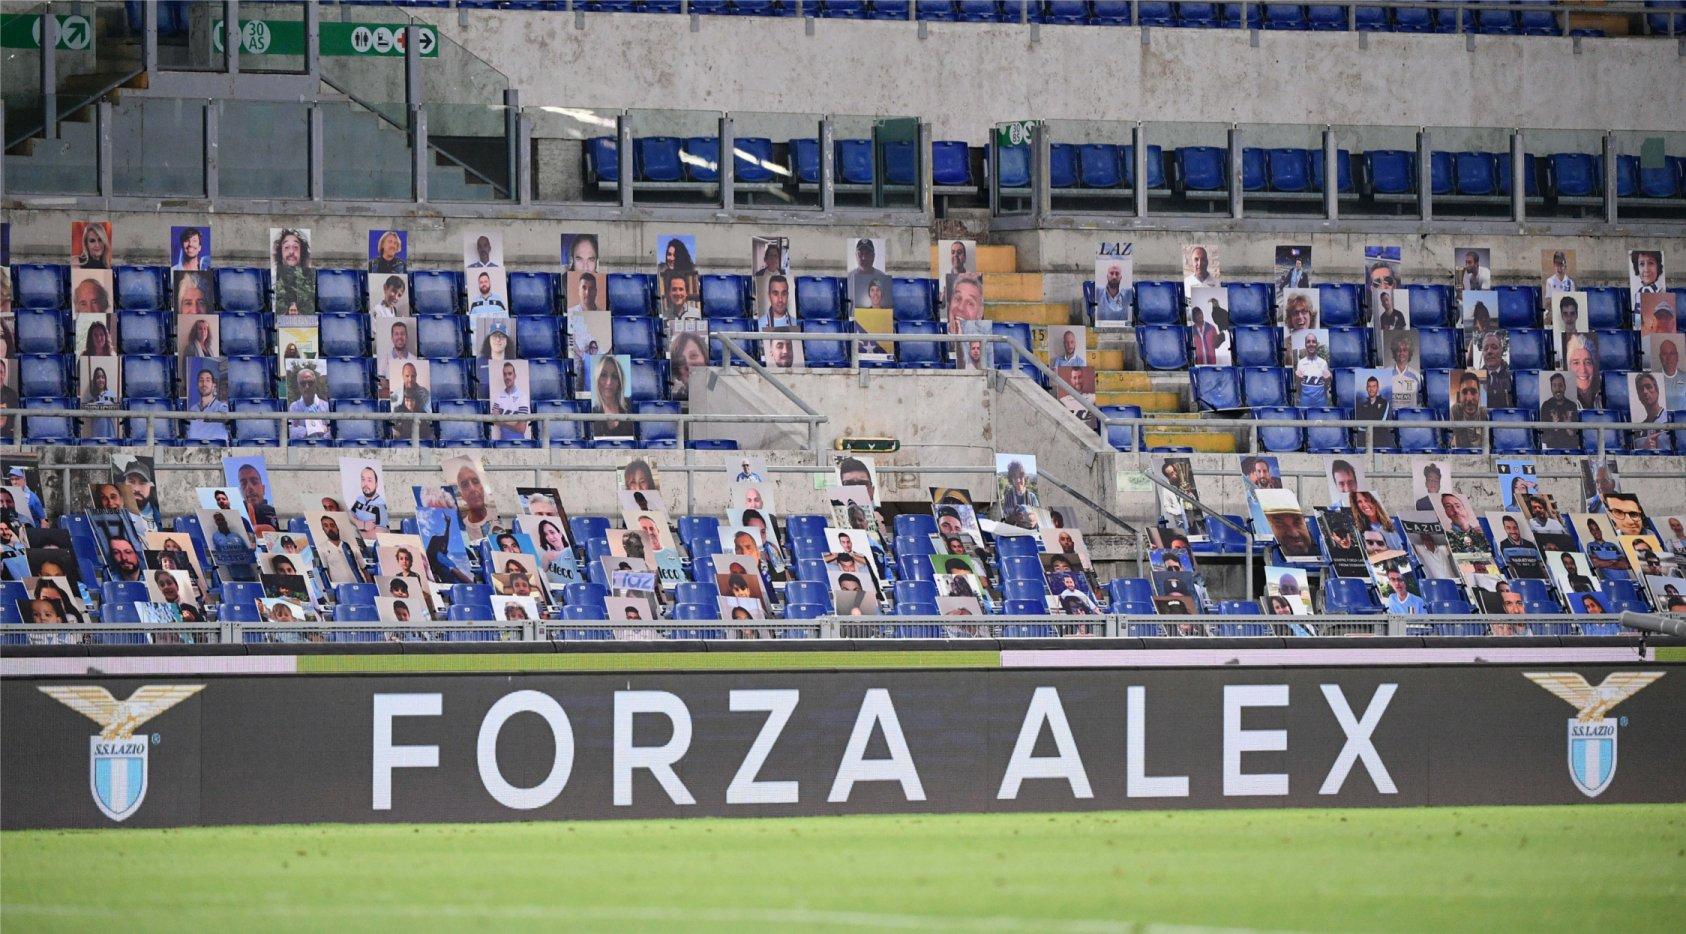 Calcio ritrova il pubblico tv con Coppa Italia (Rai1). Bene Serie A (Sky e DAZN)